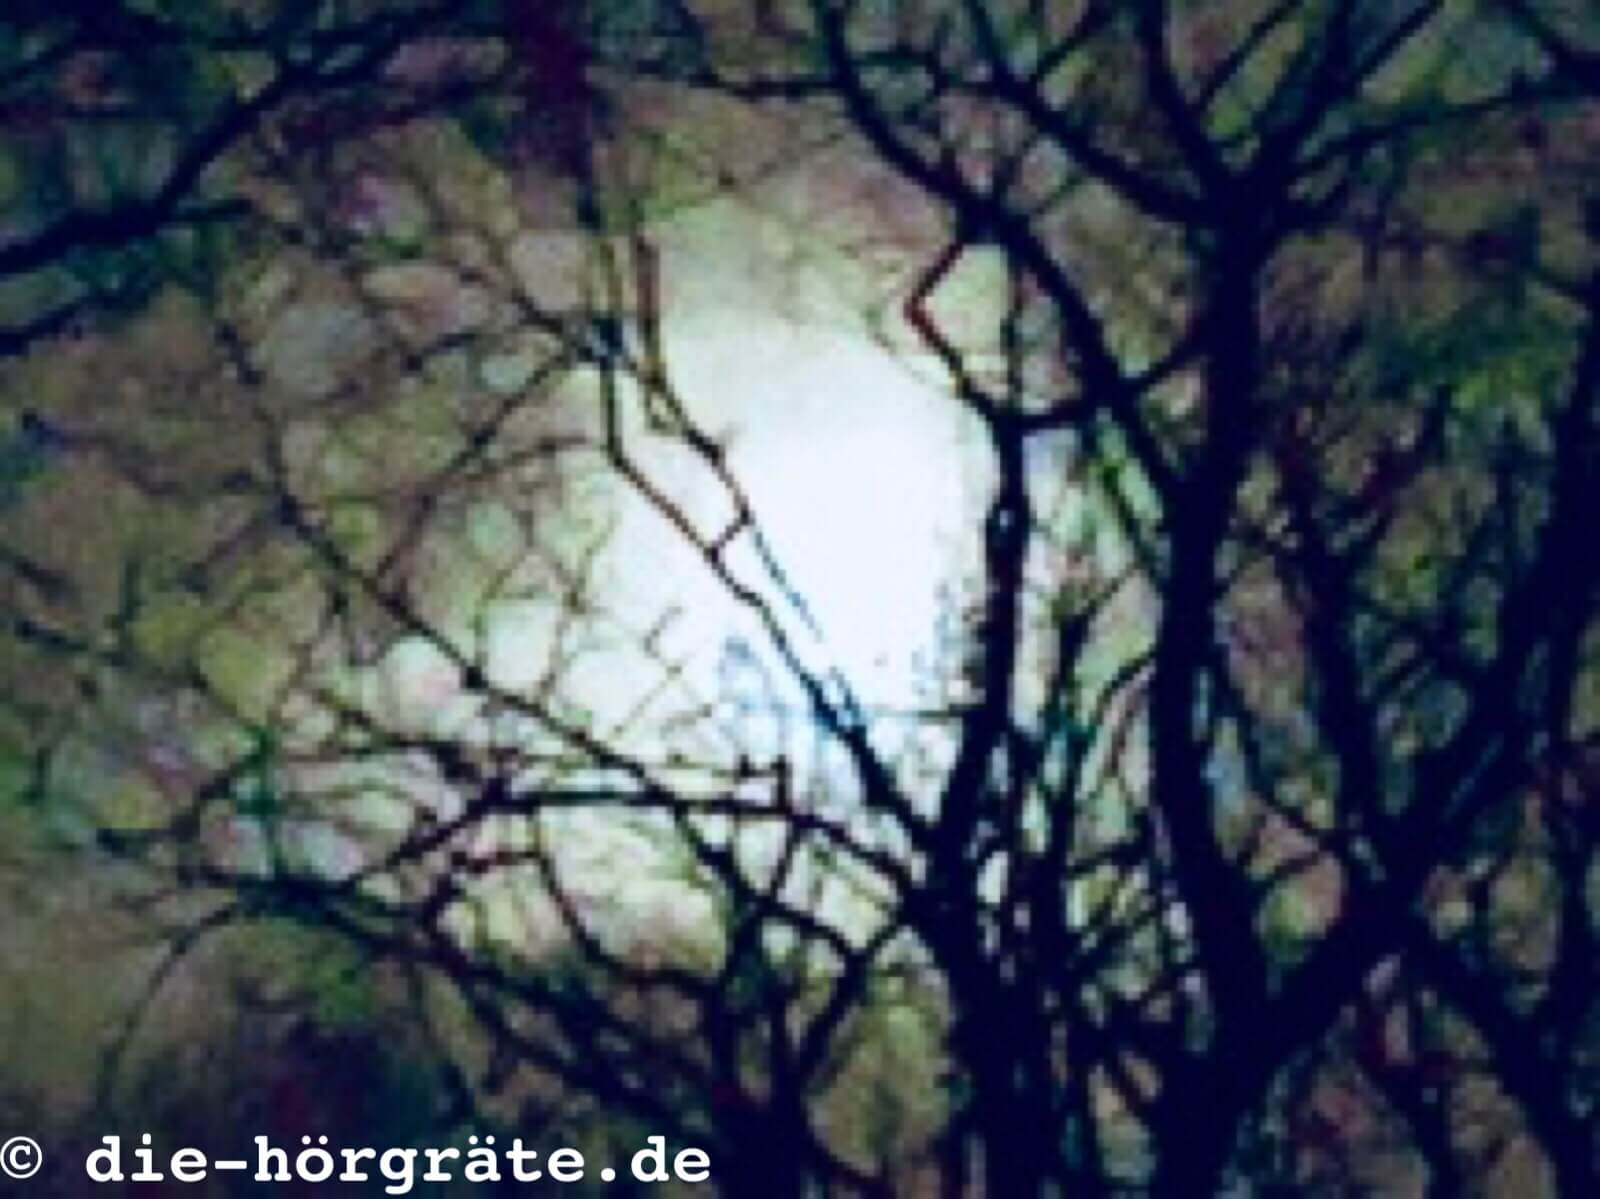 Vollmond über dem Wald